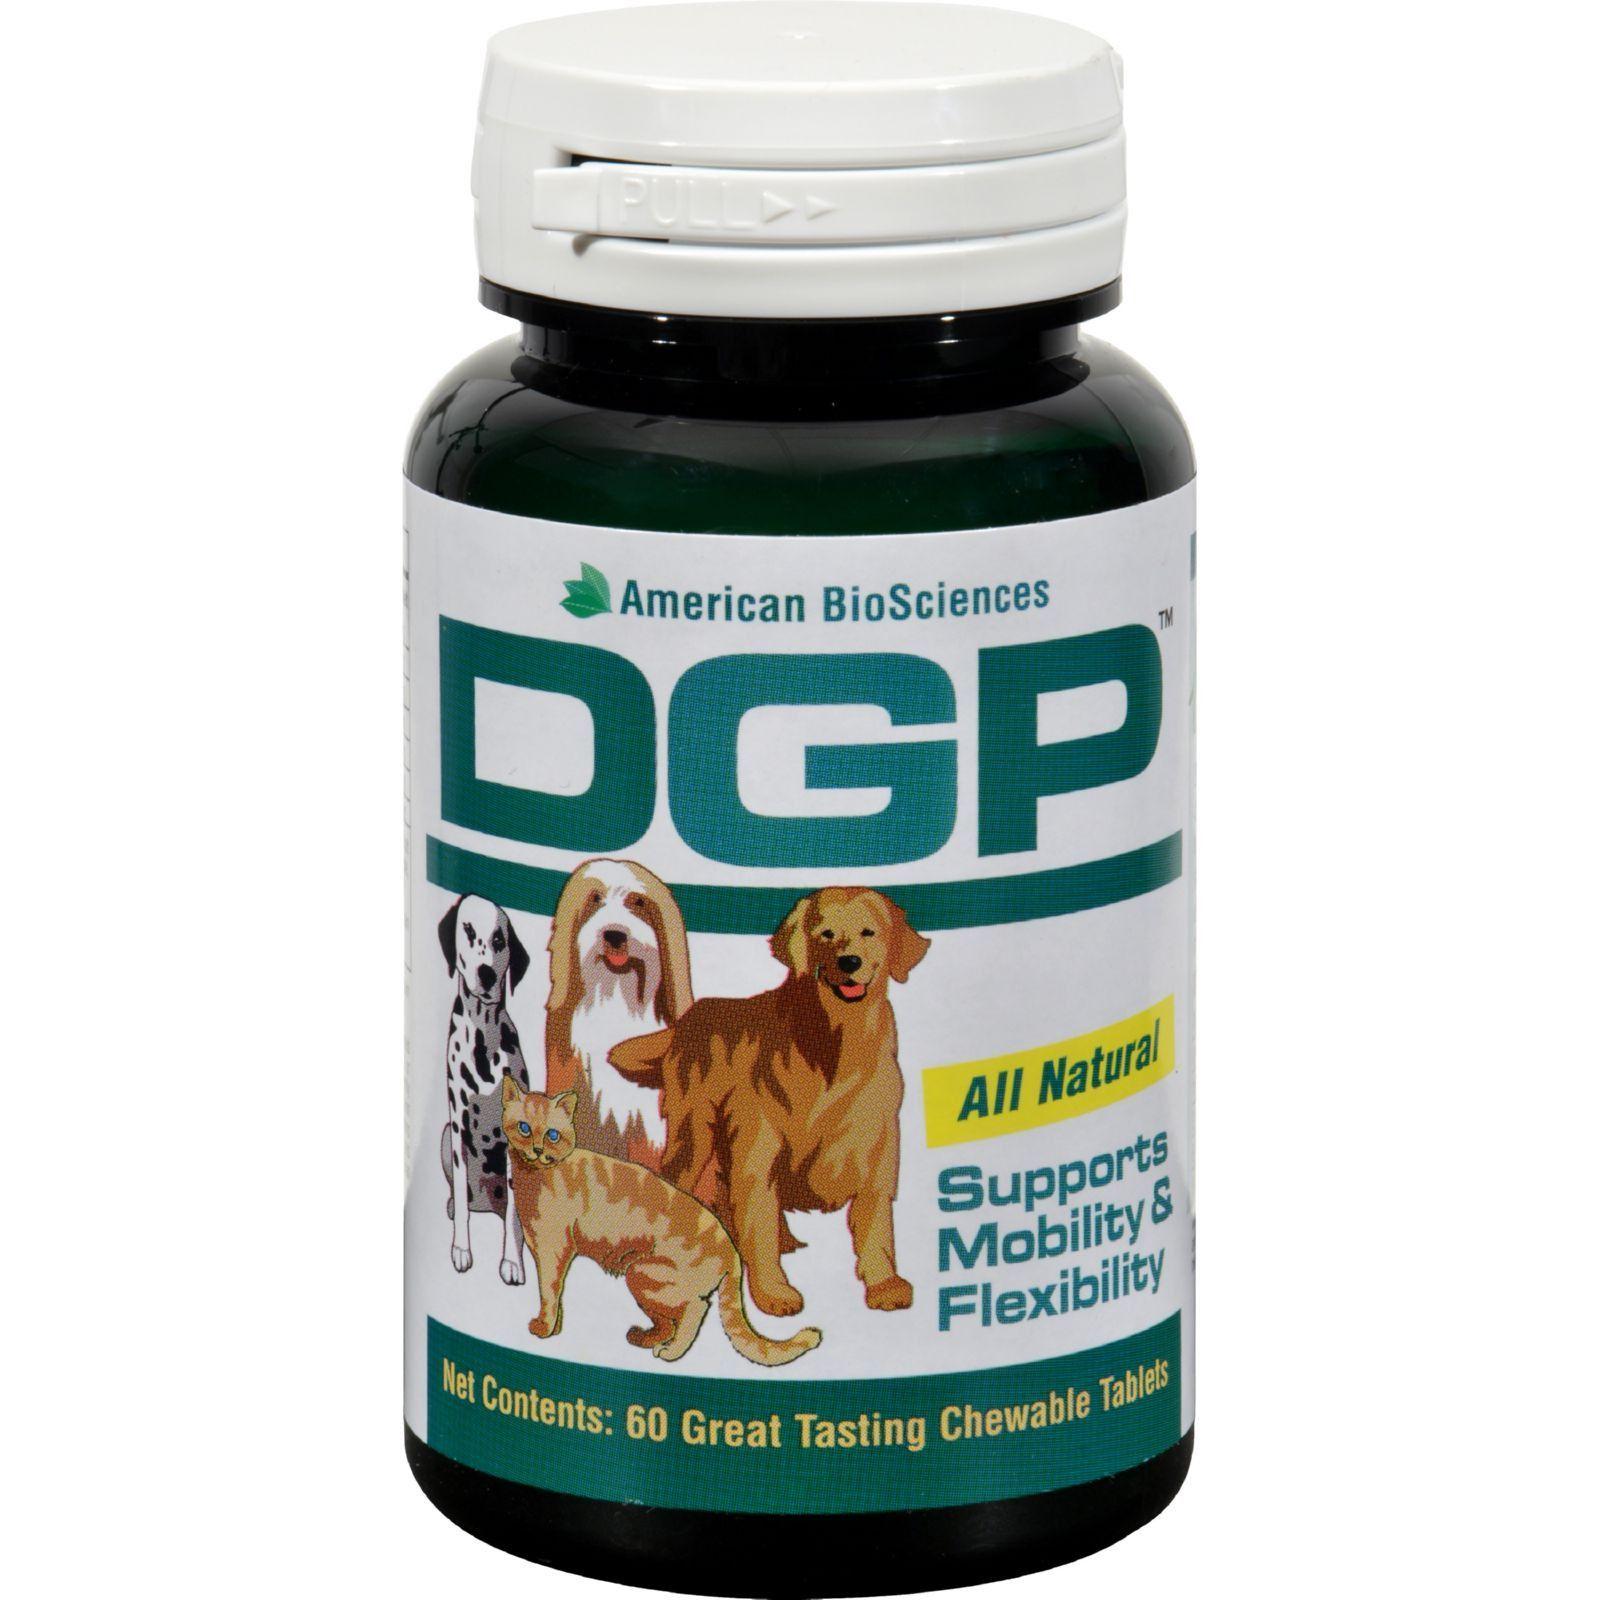 American Biosciences Dgp Chewable 60 Chewable Tablets